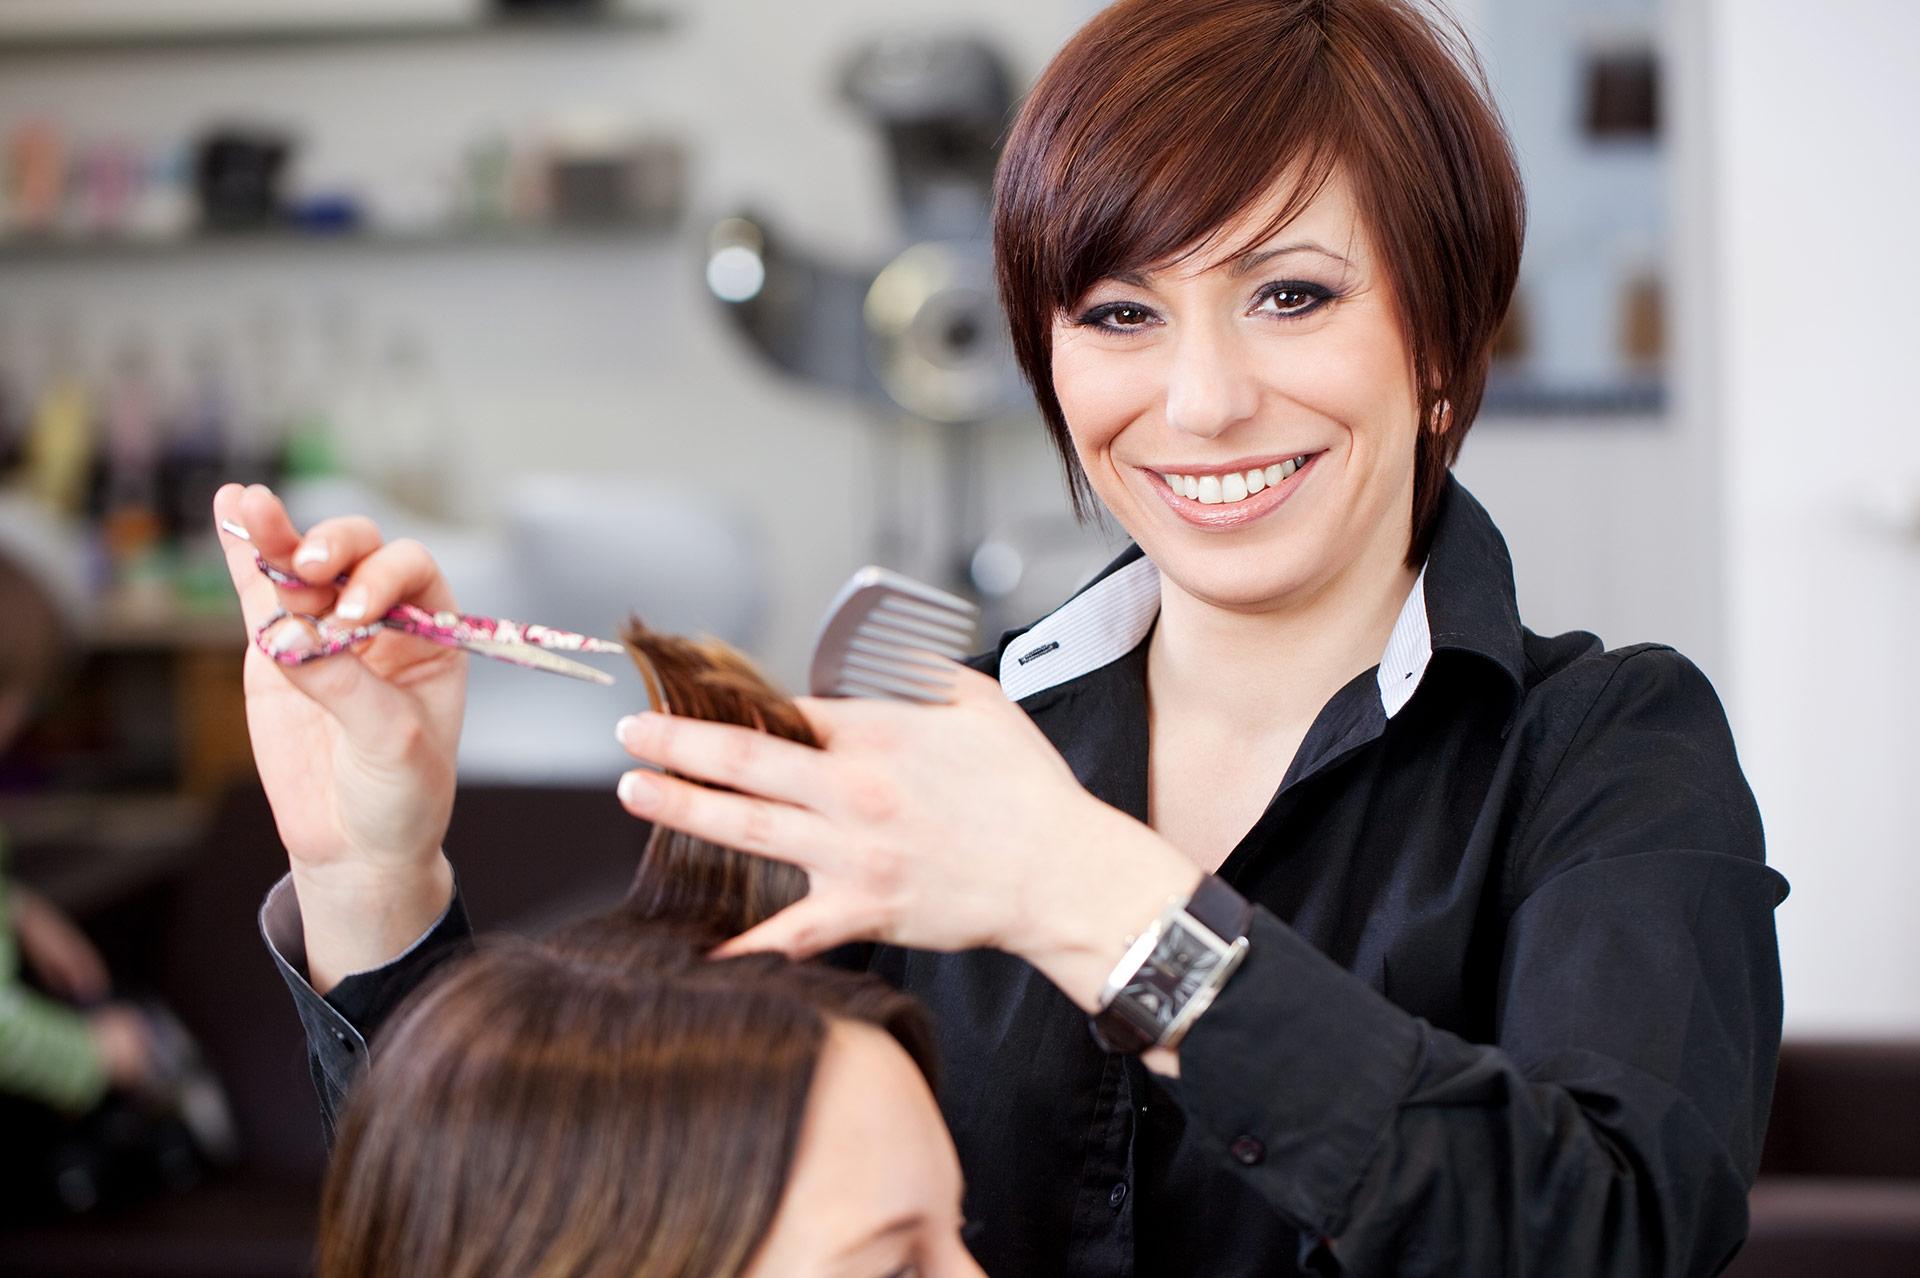 Прежде чем идти к парикмахеру: 5 ошибок коротких стрижек